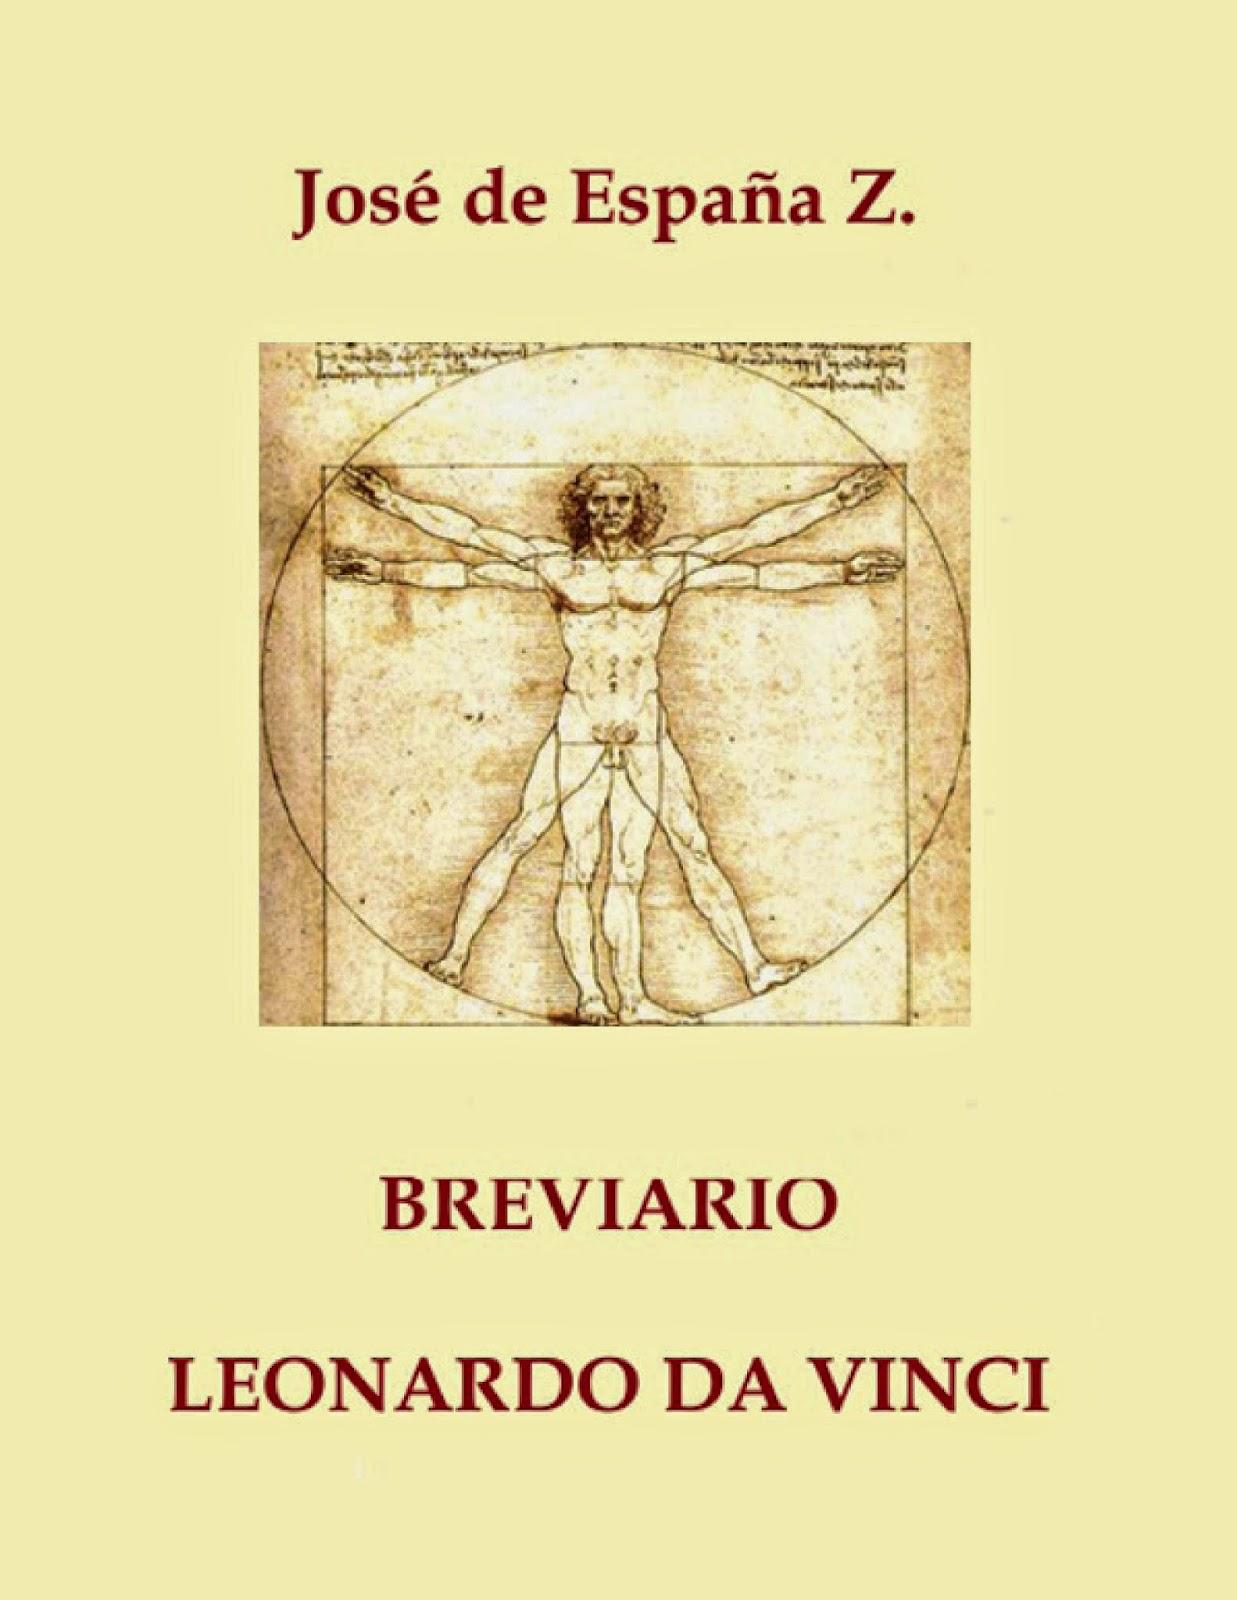 Breviario de Leonardo de Vinci – José de España